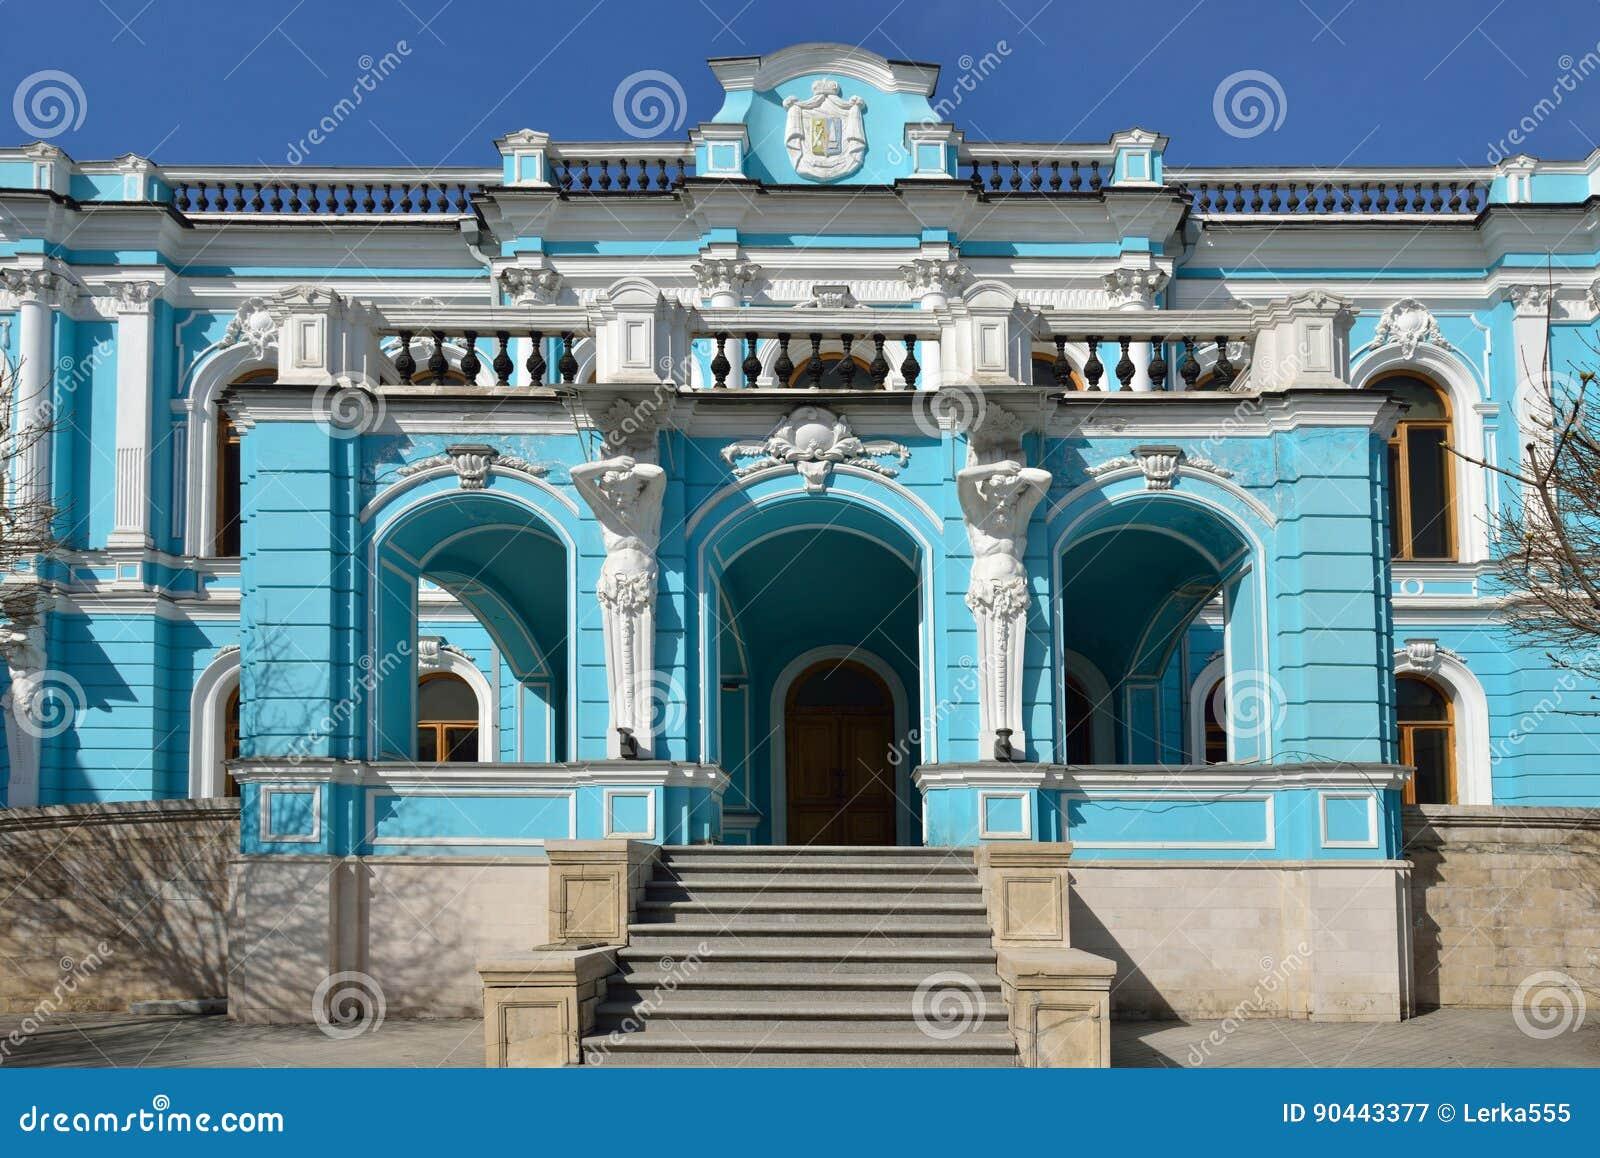 Saltykov-Chertkov rezydenci ziemskiej xvii wiek w stylu klasyczny barok na Myasnitskaya ulicie